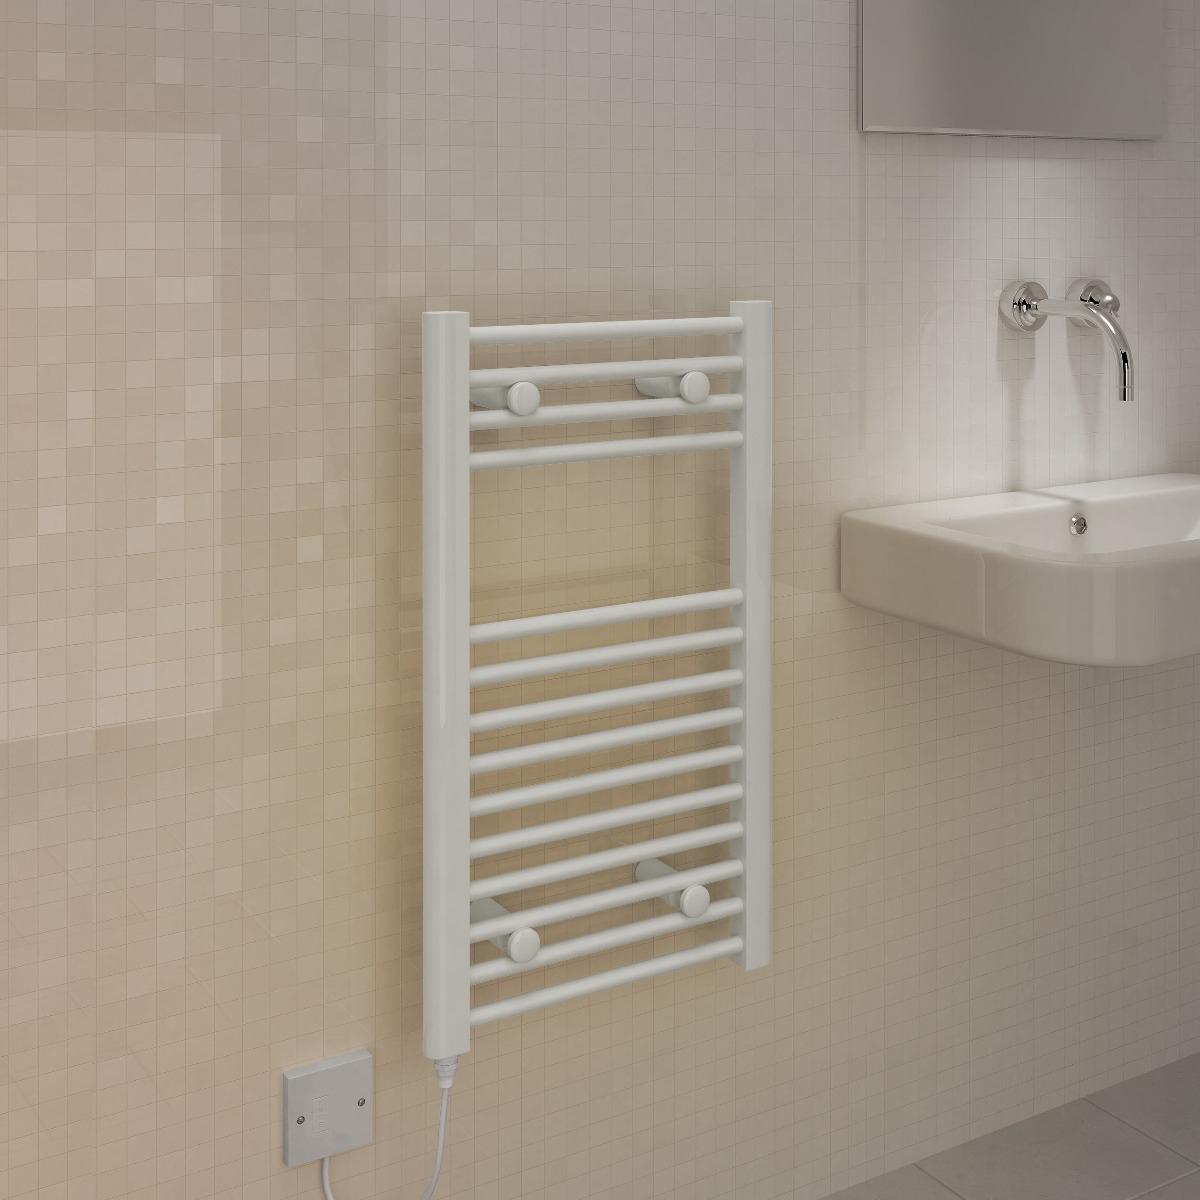 White towel rails